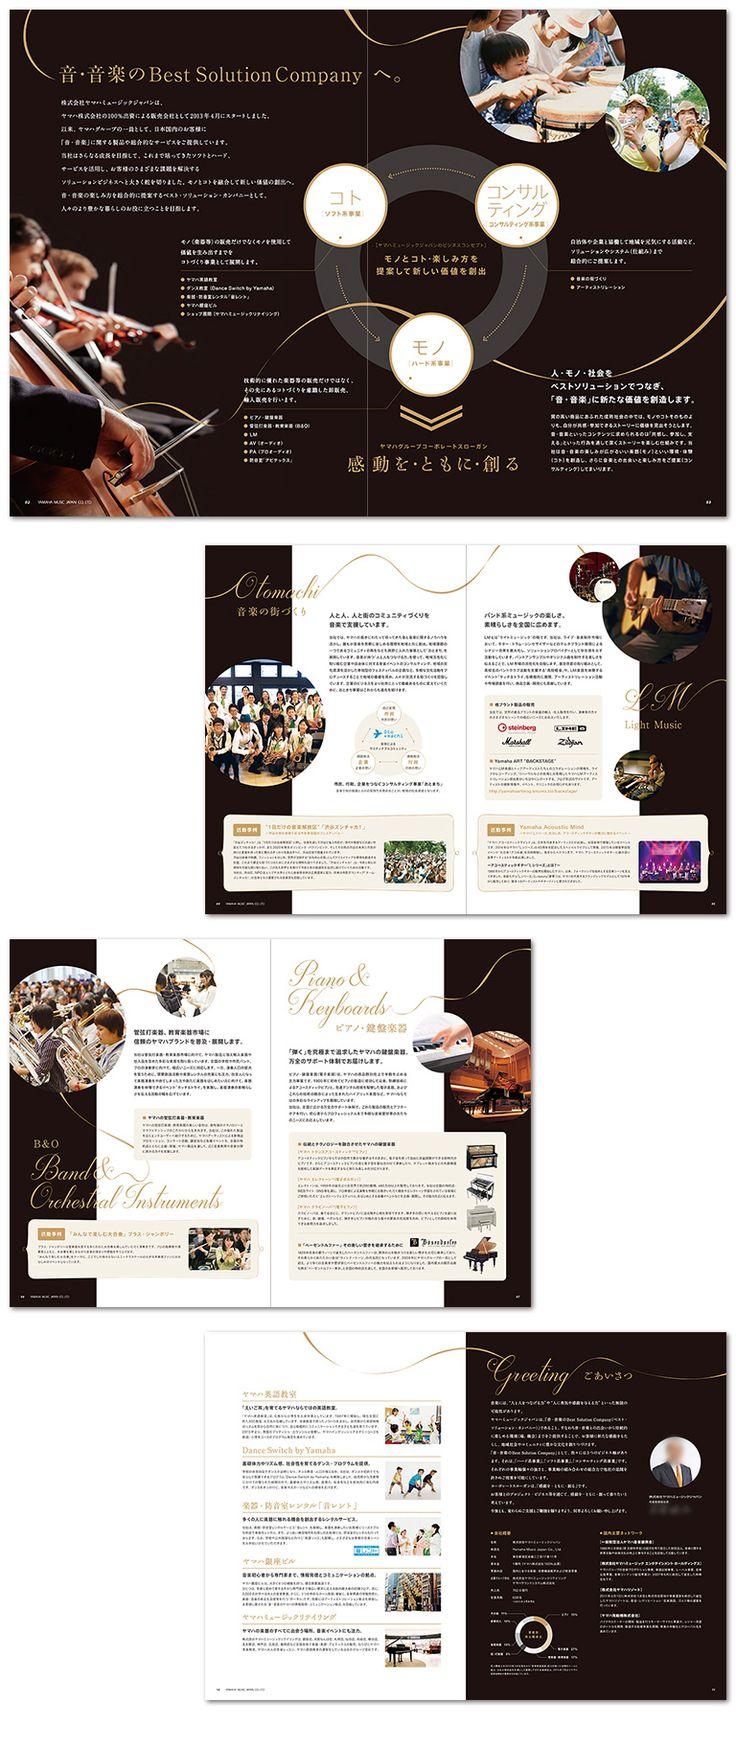 音楽事業 会社パンフレット|会社案内 パンフレット専科